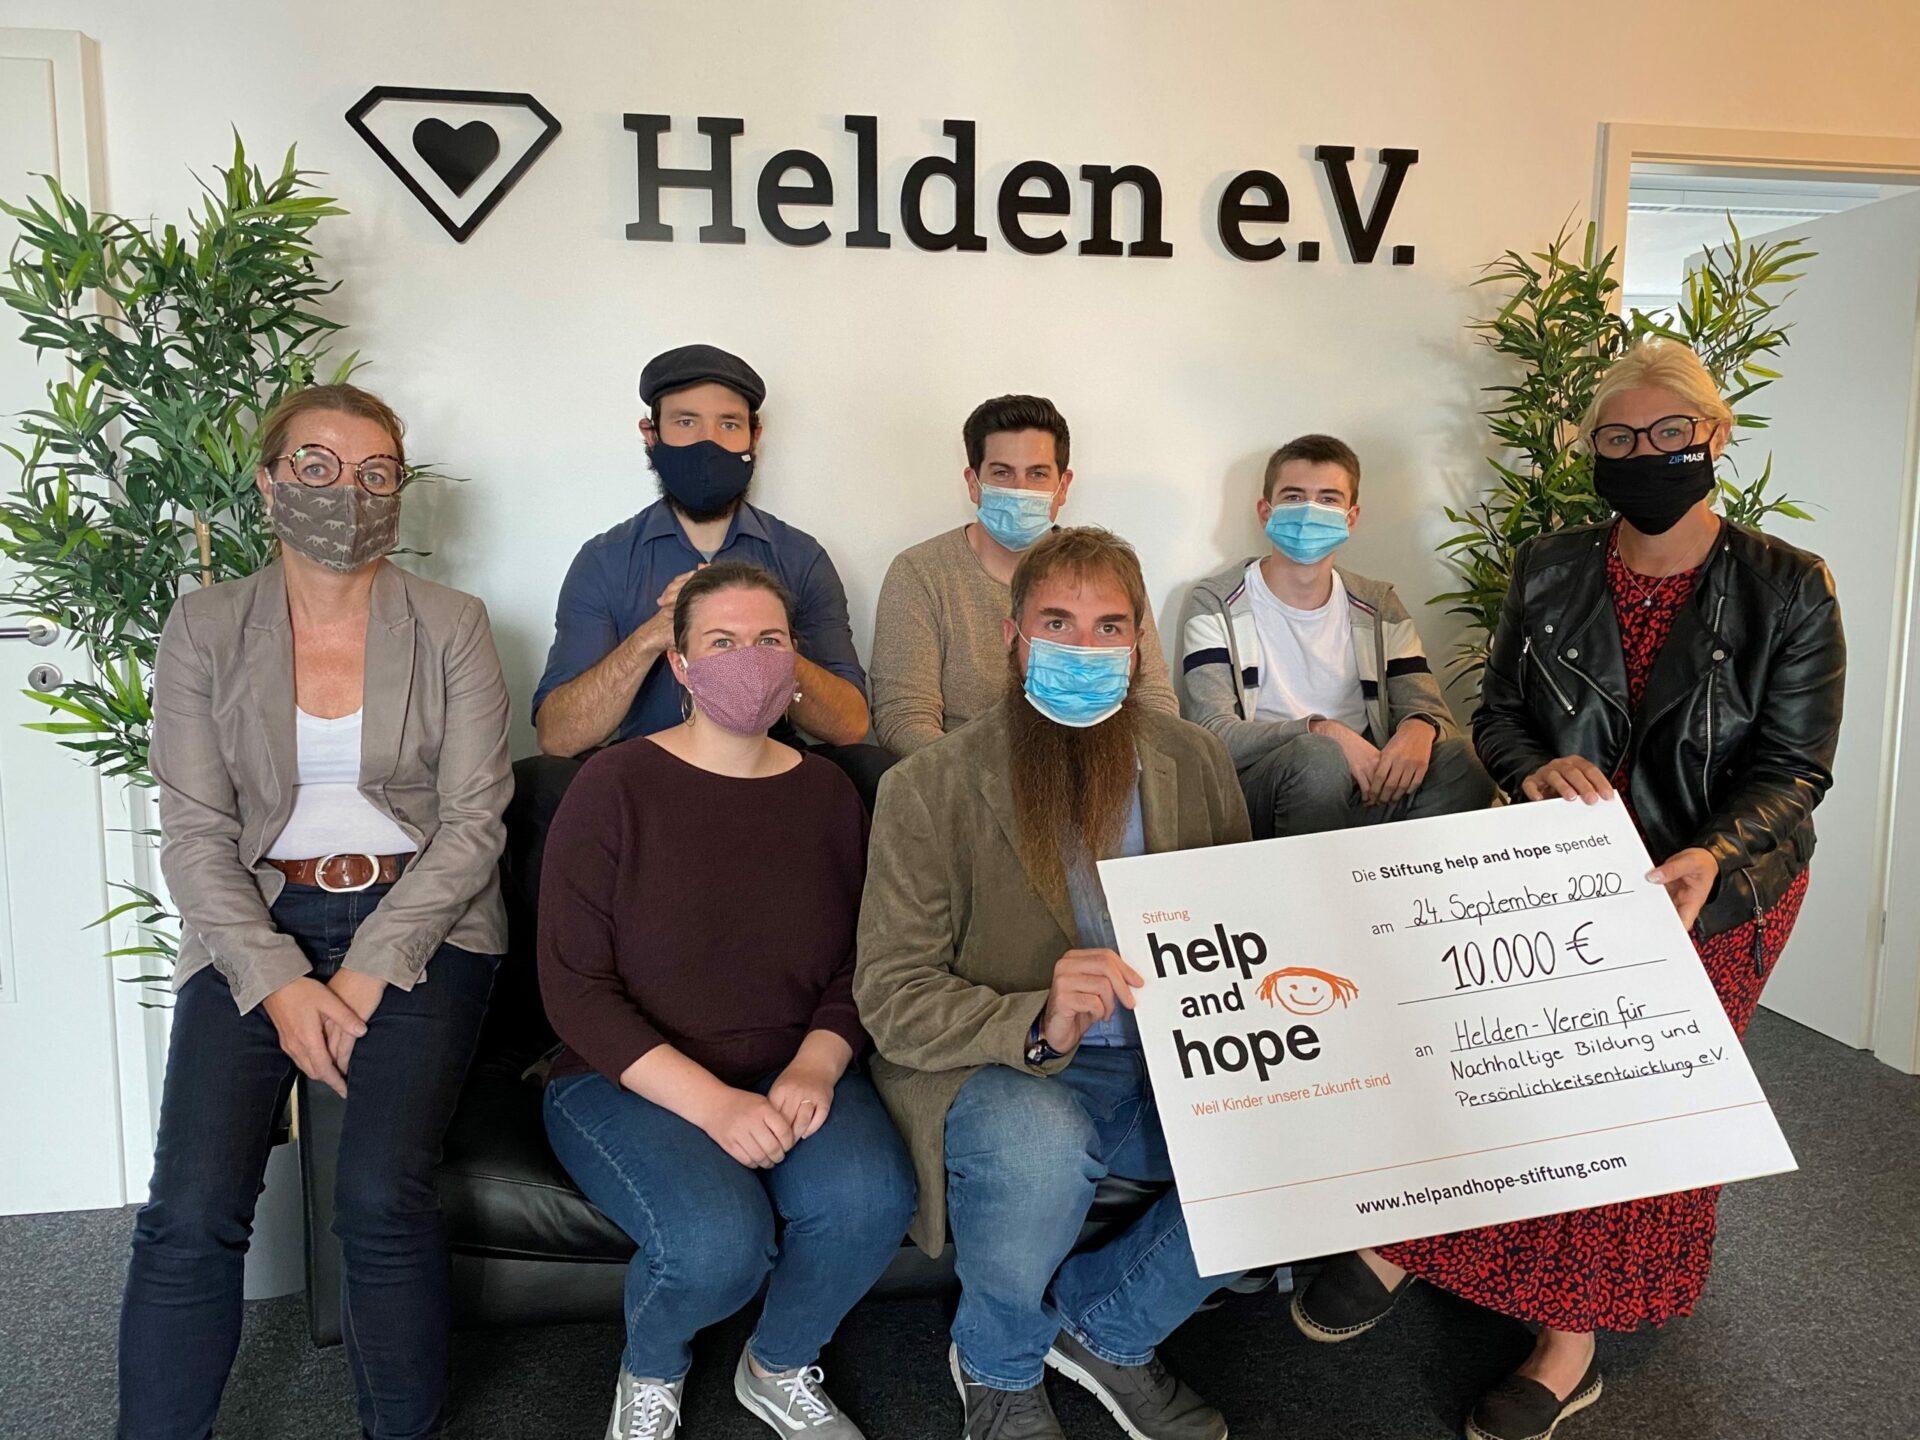 help and hope vergibt Förderpreis in Höhe von 10.000 Euro